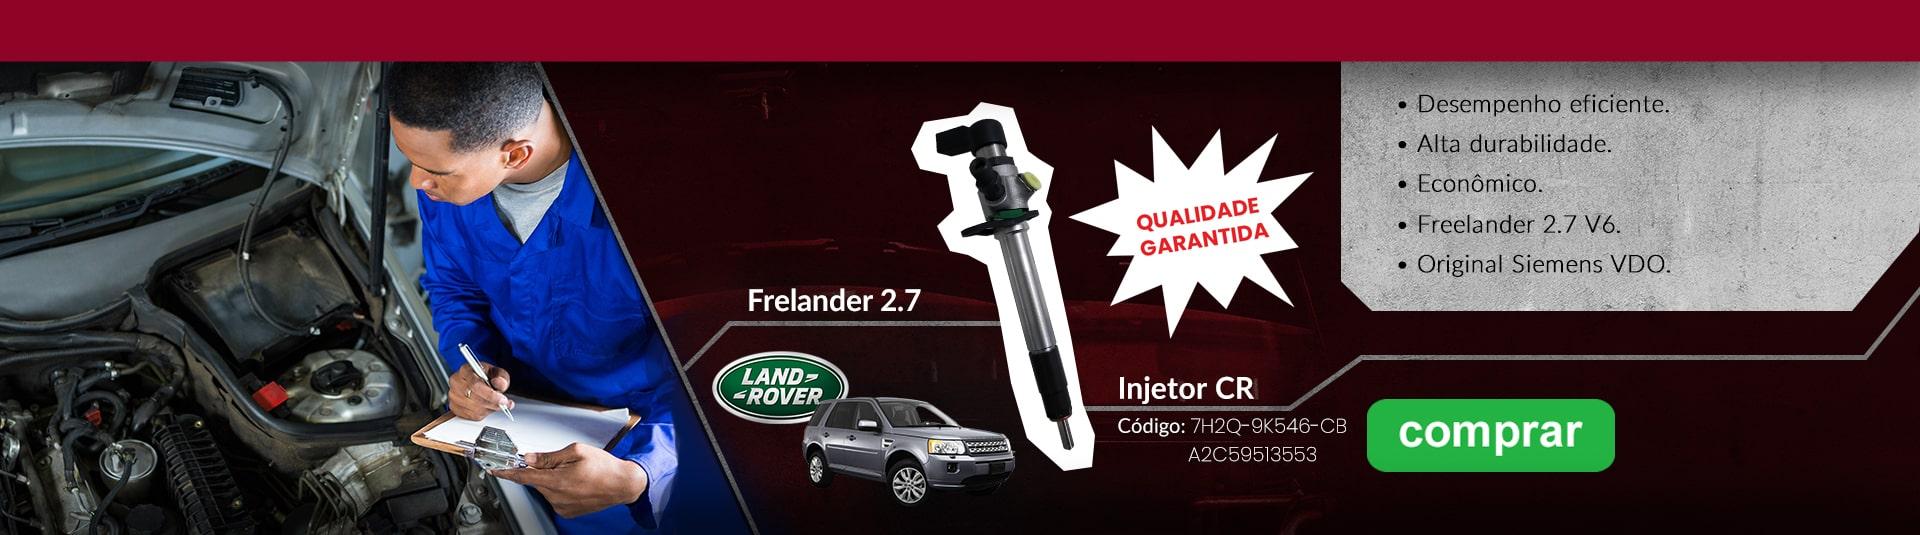 Injetor Freelander 2.7 Cód.9K546-CB